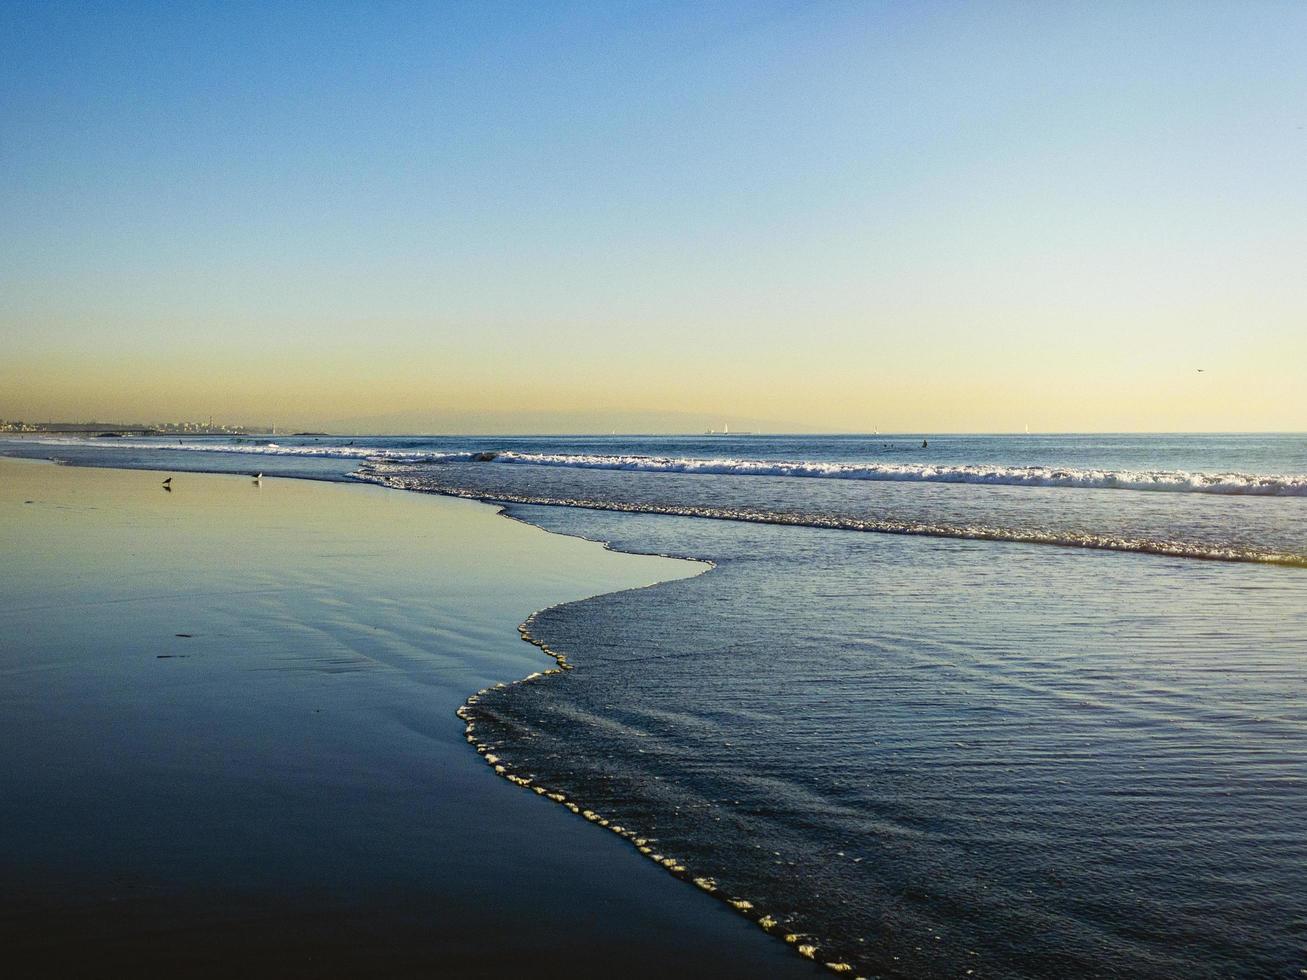 schaumige Wellen am Strand von Venedig während des Sonnenuntergangs foto